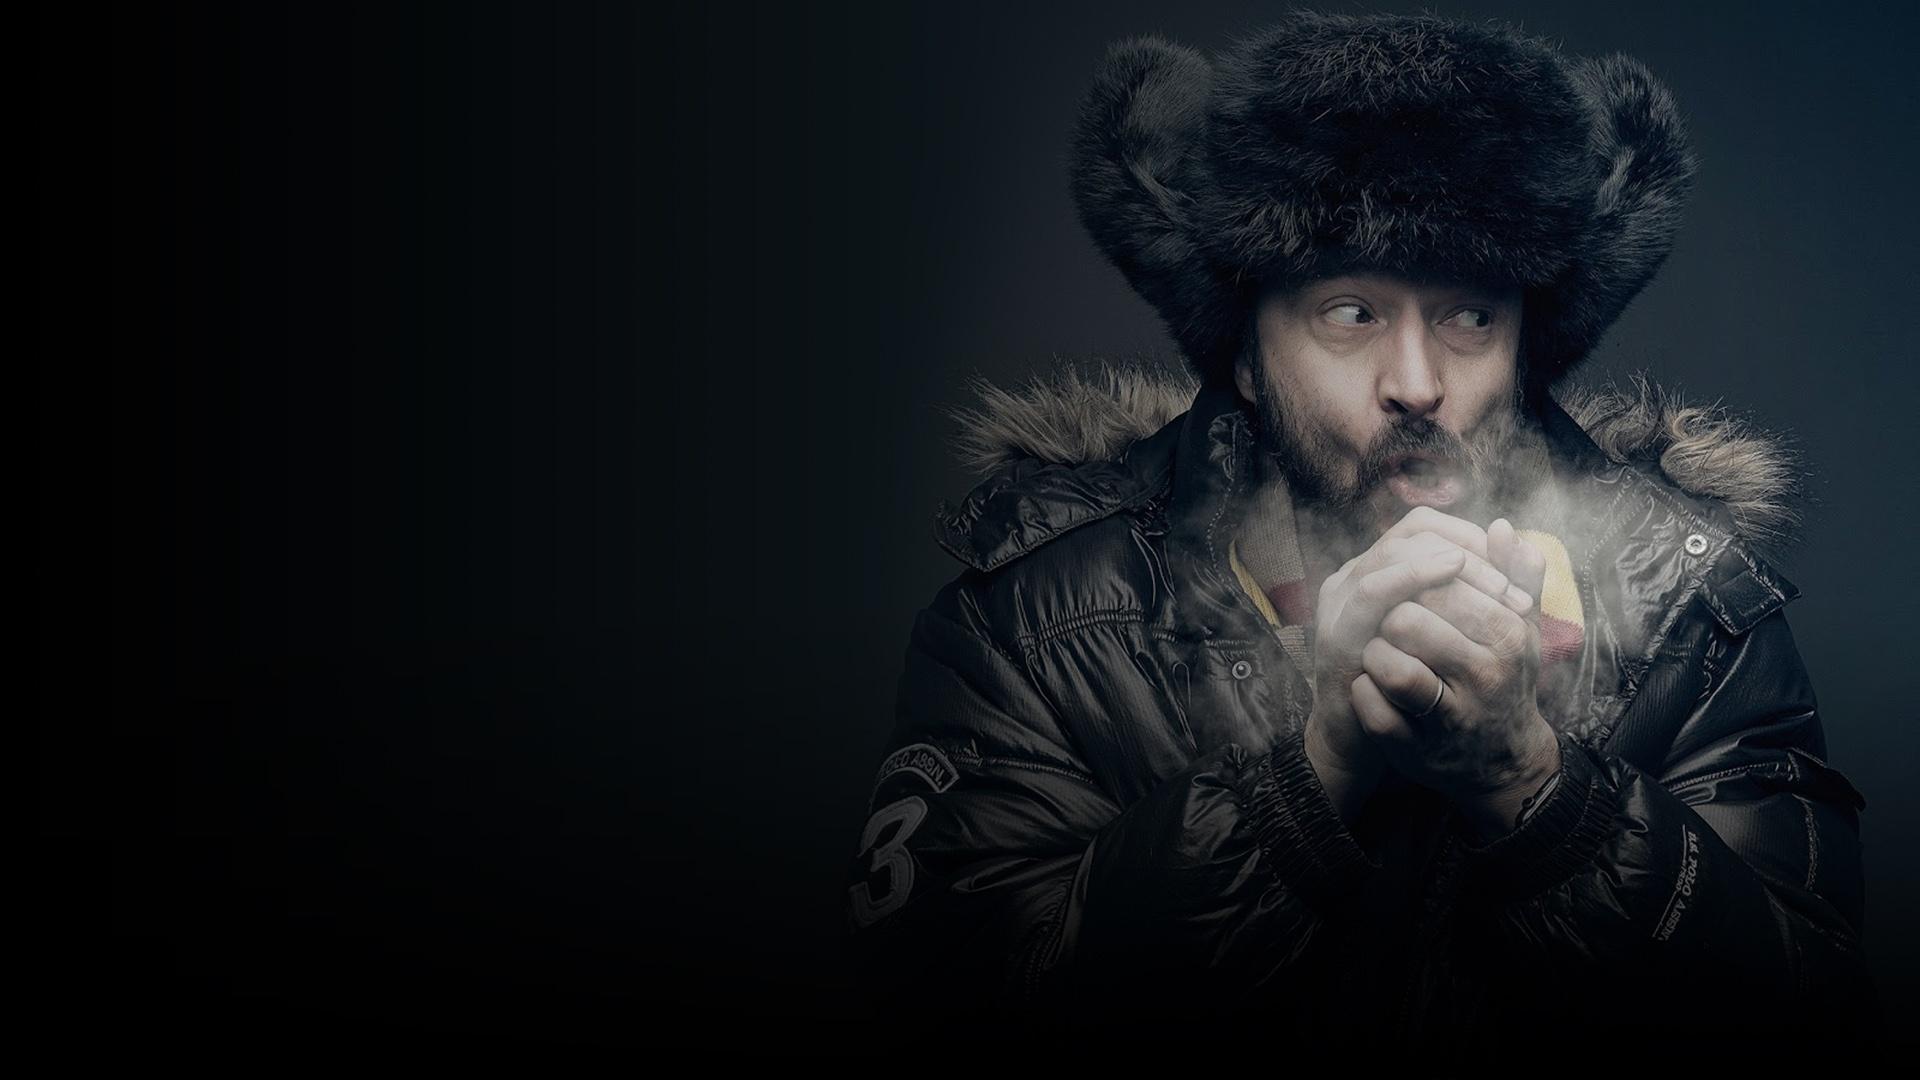 Banner Tutorials with Vladimir Chopine 2018